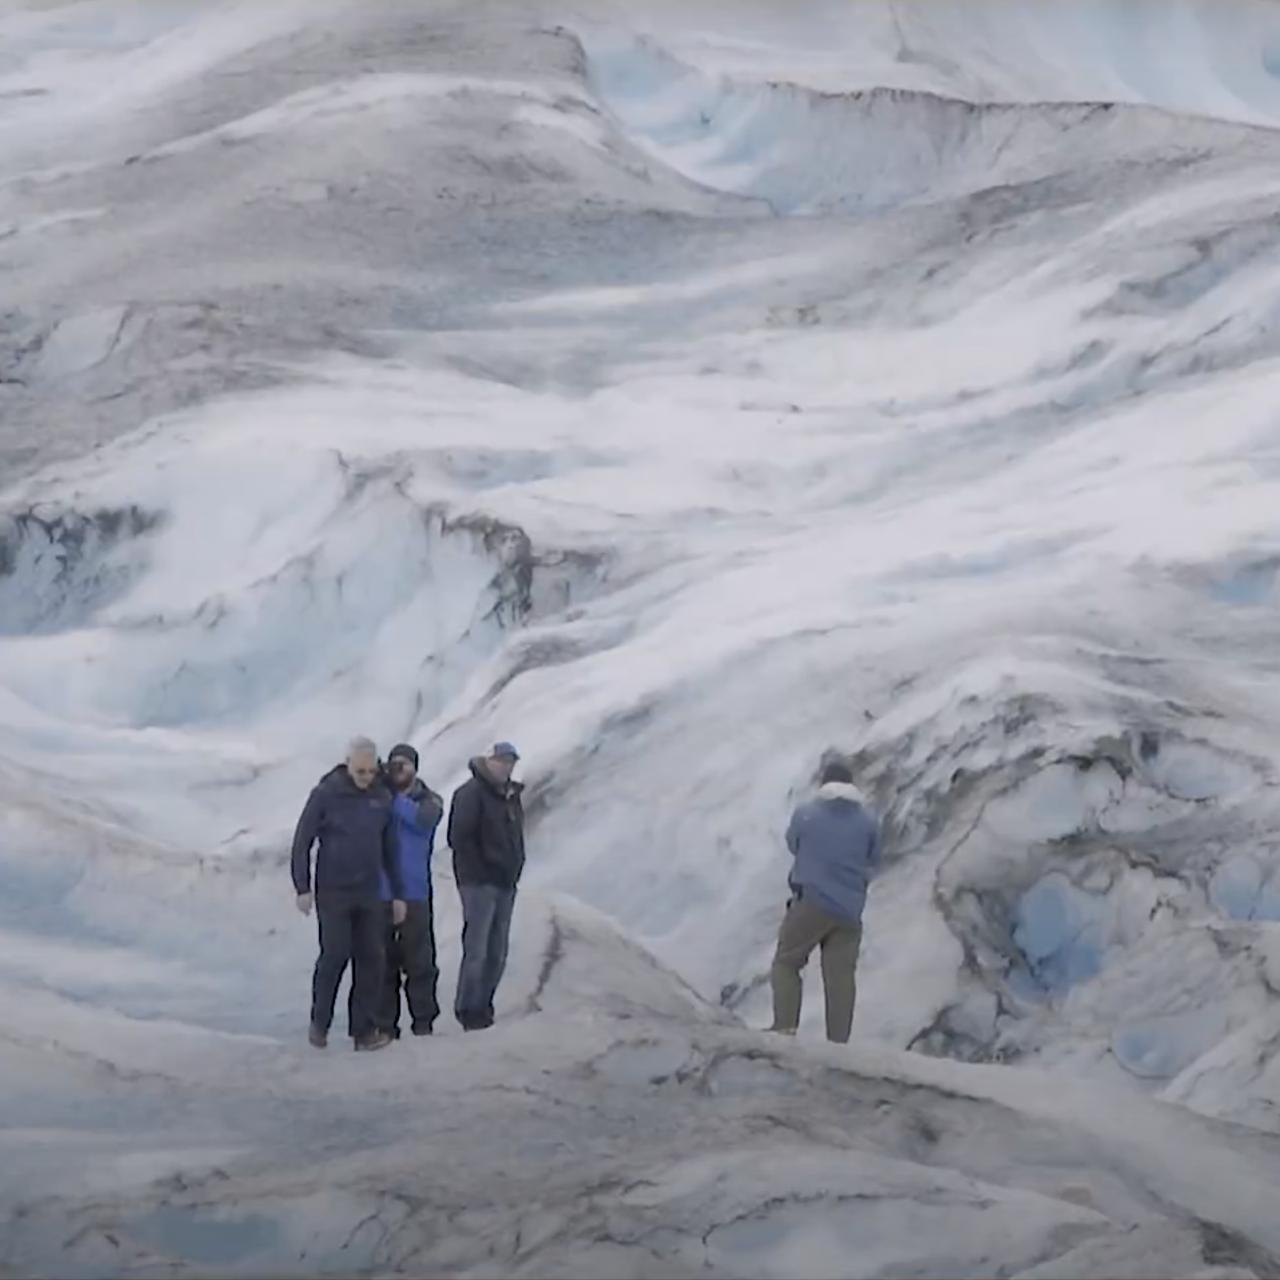 four people in coats walking on snowy, rocky terrain